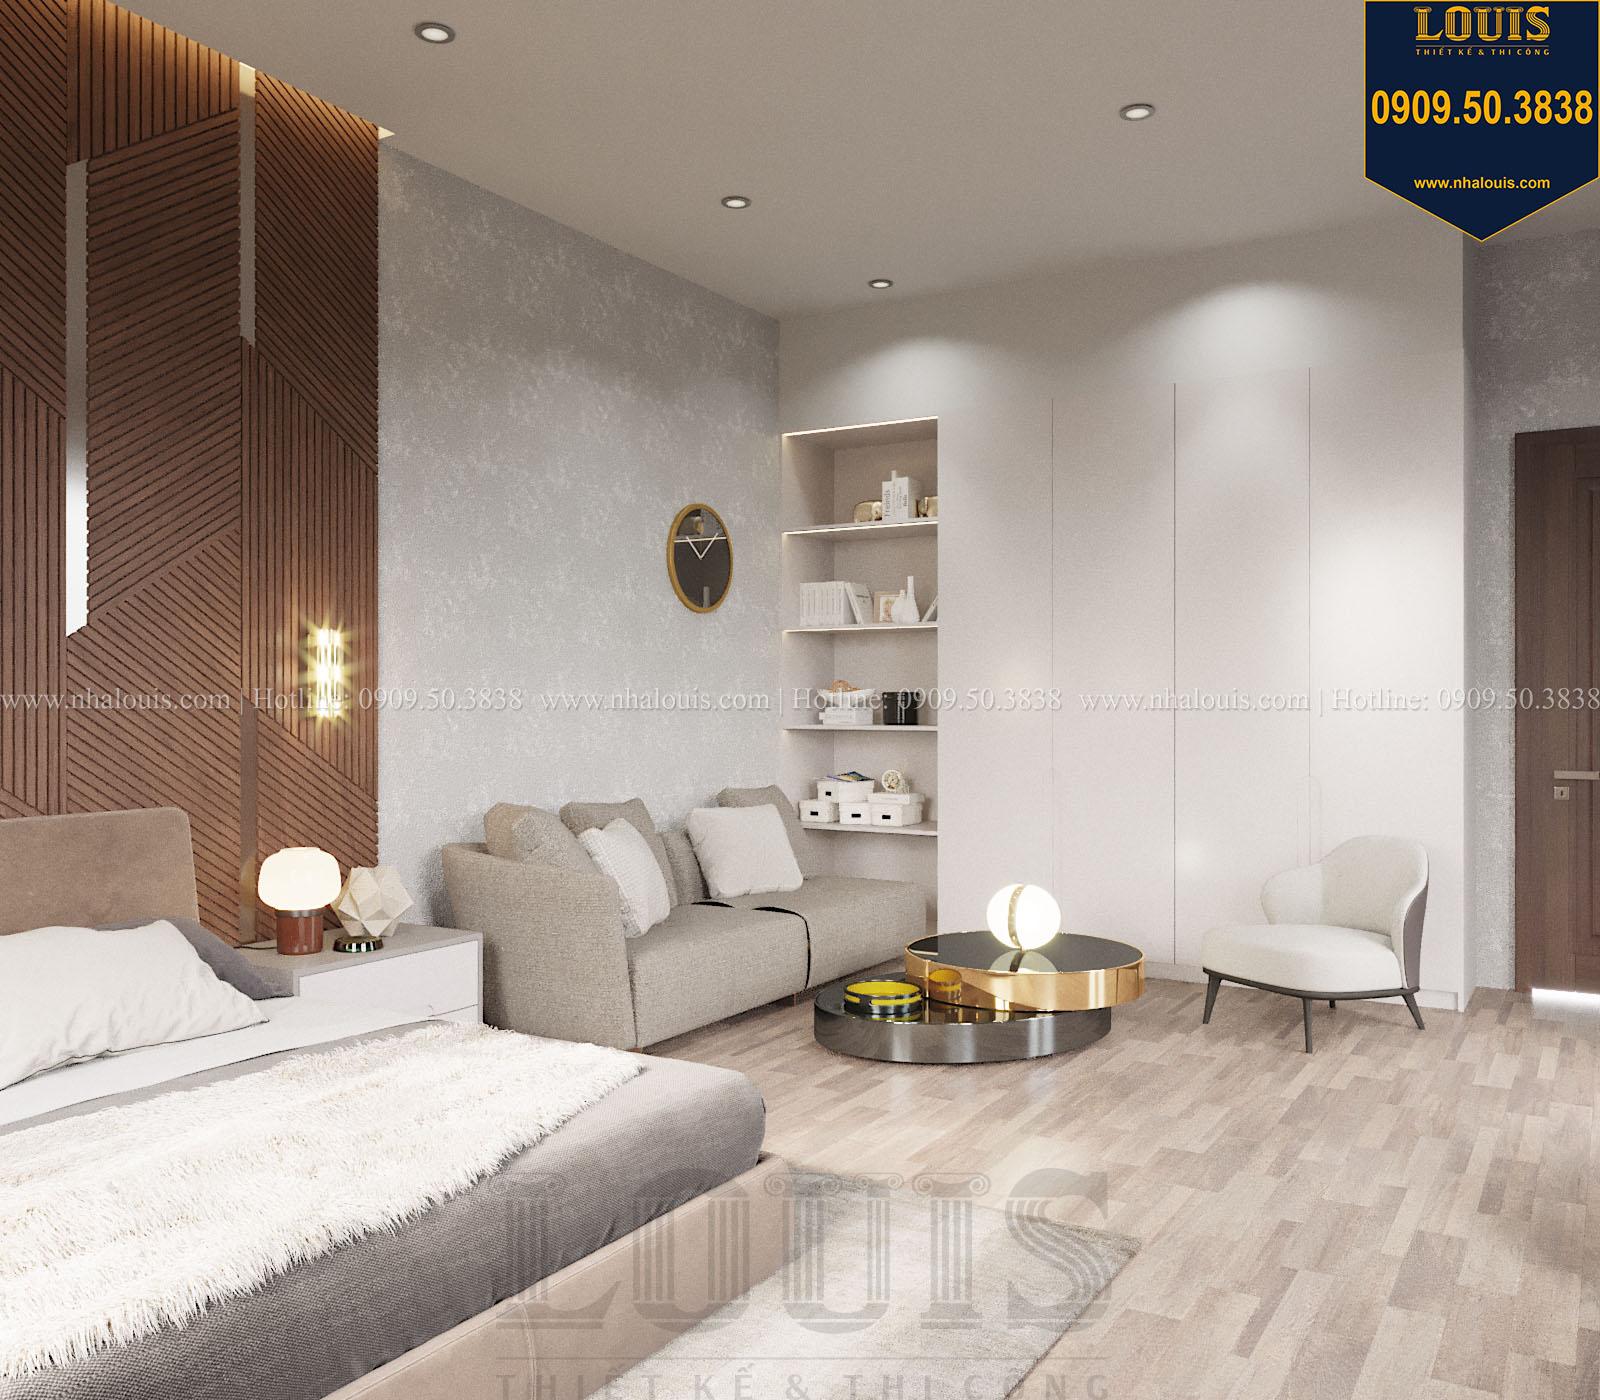 Phòng ngủ biệt thự 2 tầng đẹp - 048